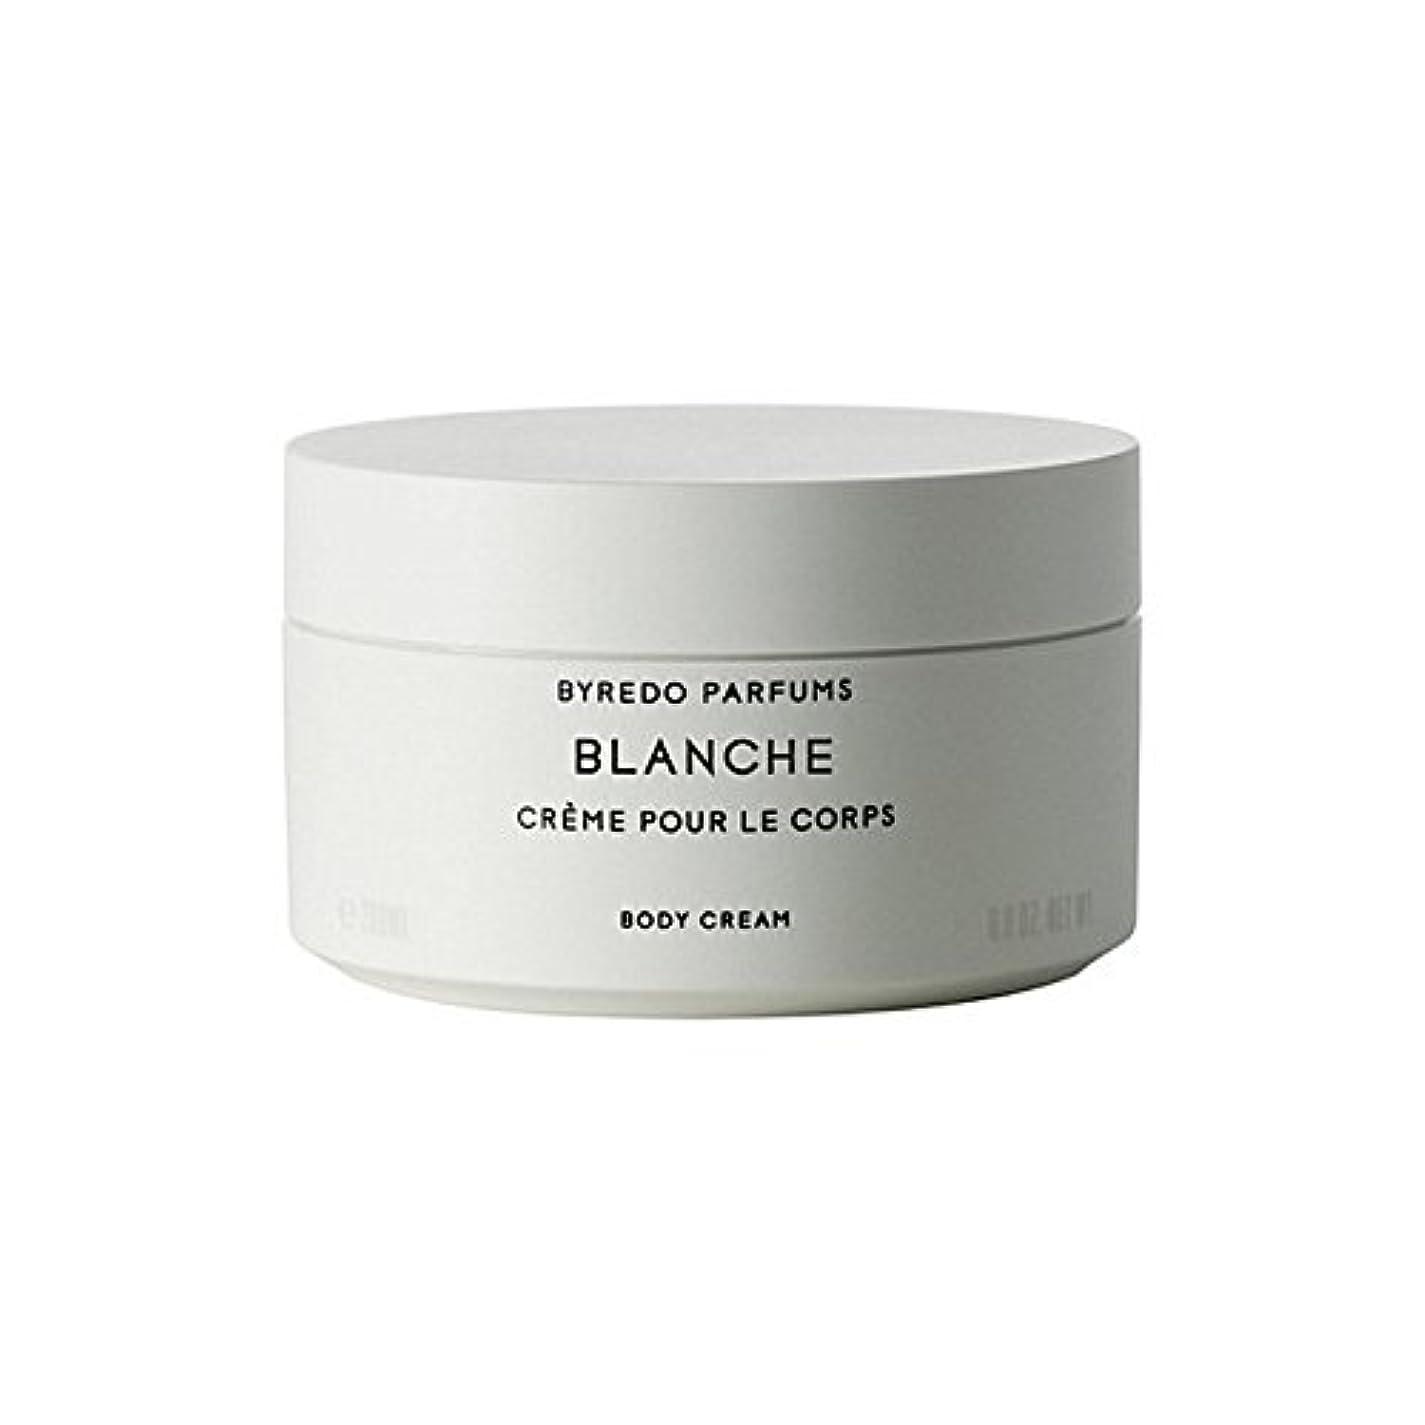 成長するノイズセットアップByredo Blanche Body Cream 200ml - ブランシュボディクリーム200ミリリットル [並行輸入品]